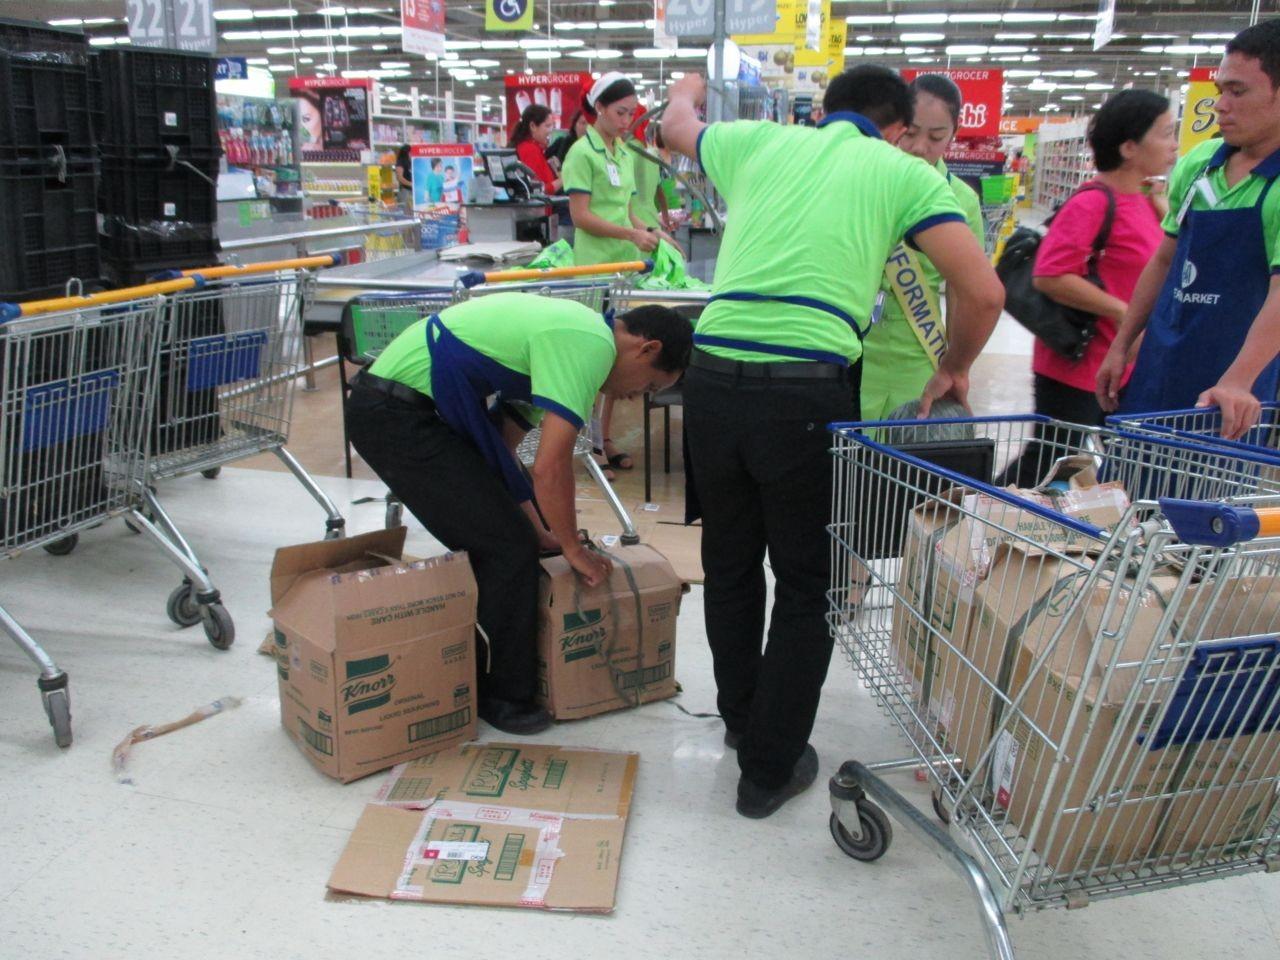 direkt nach der Ankunft werden Lebensmittel und Wasser gekauft